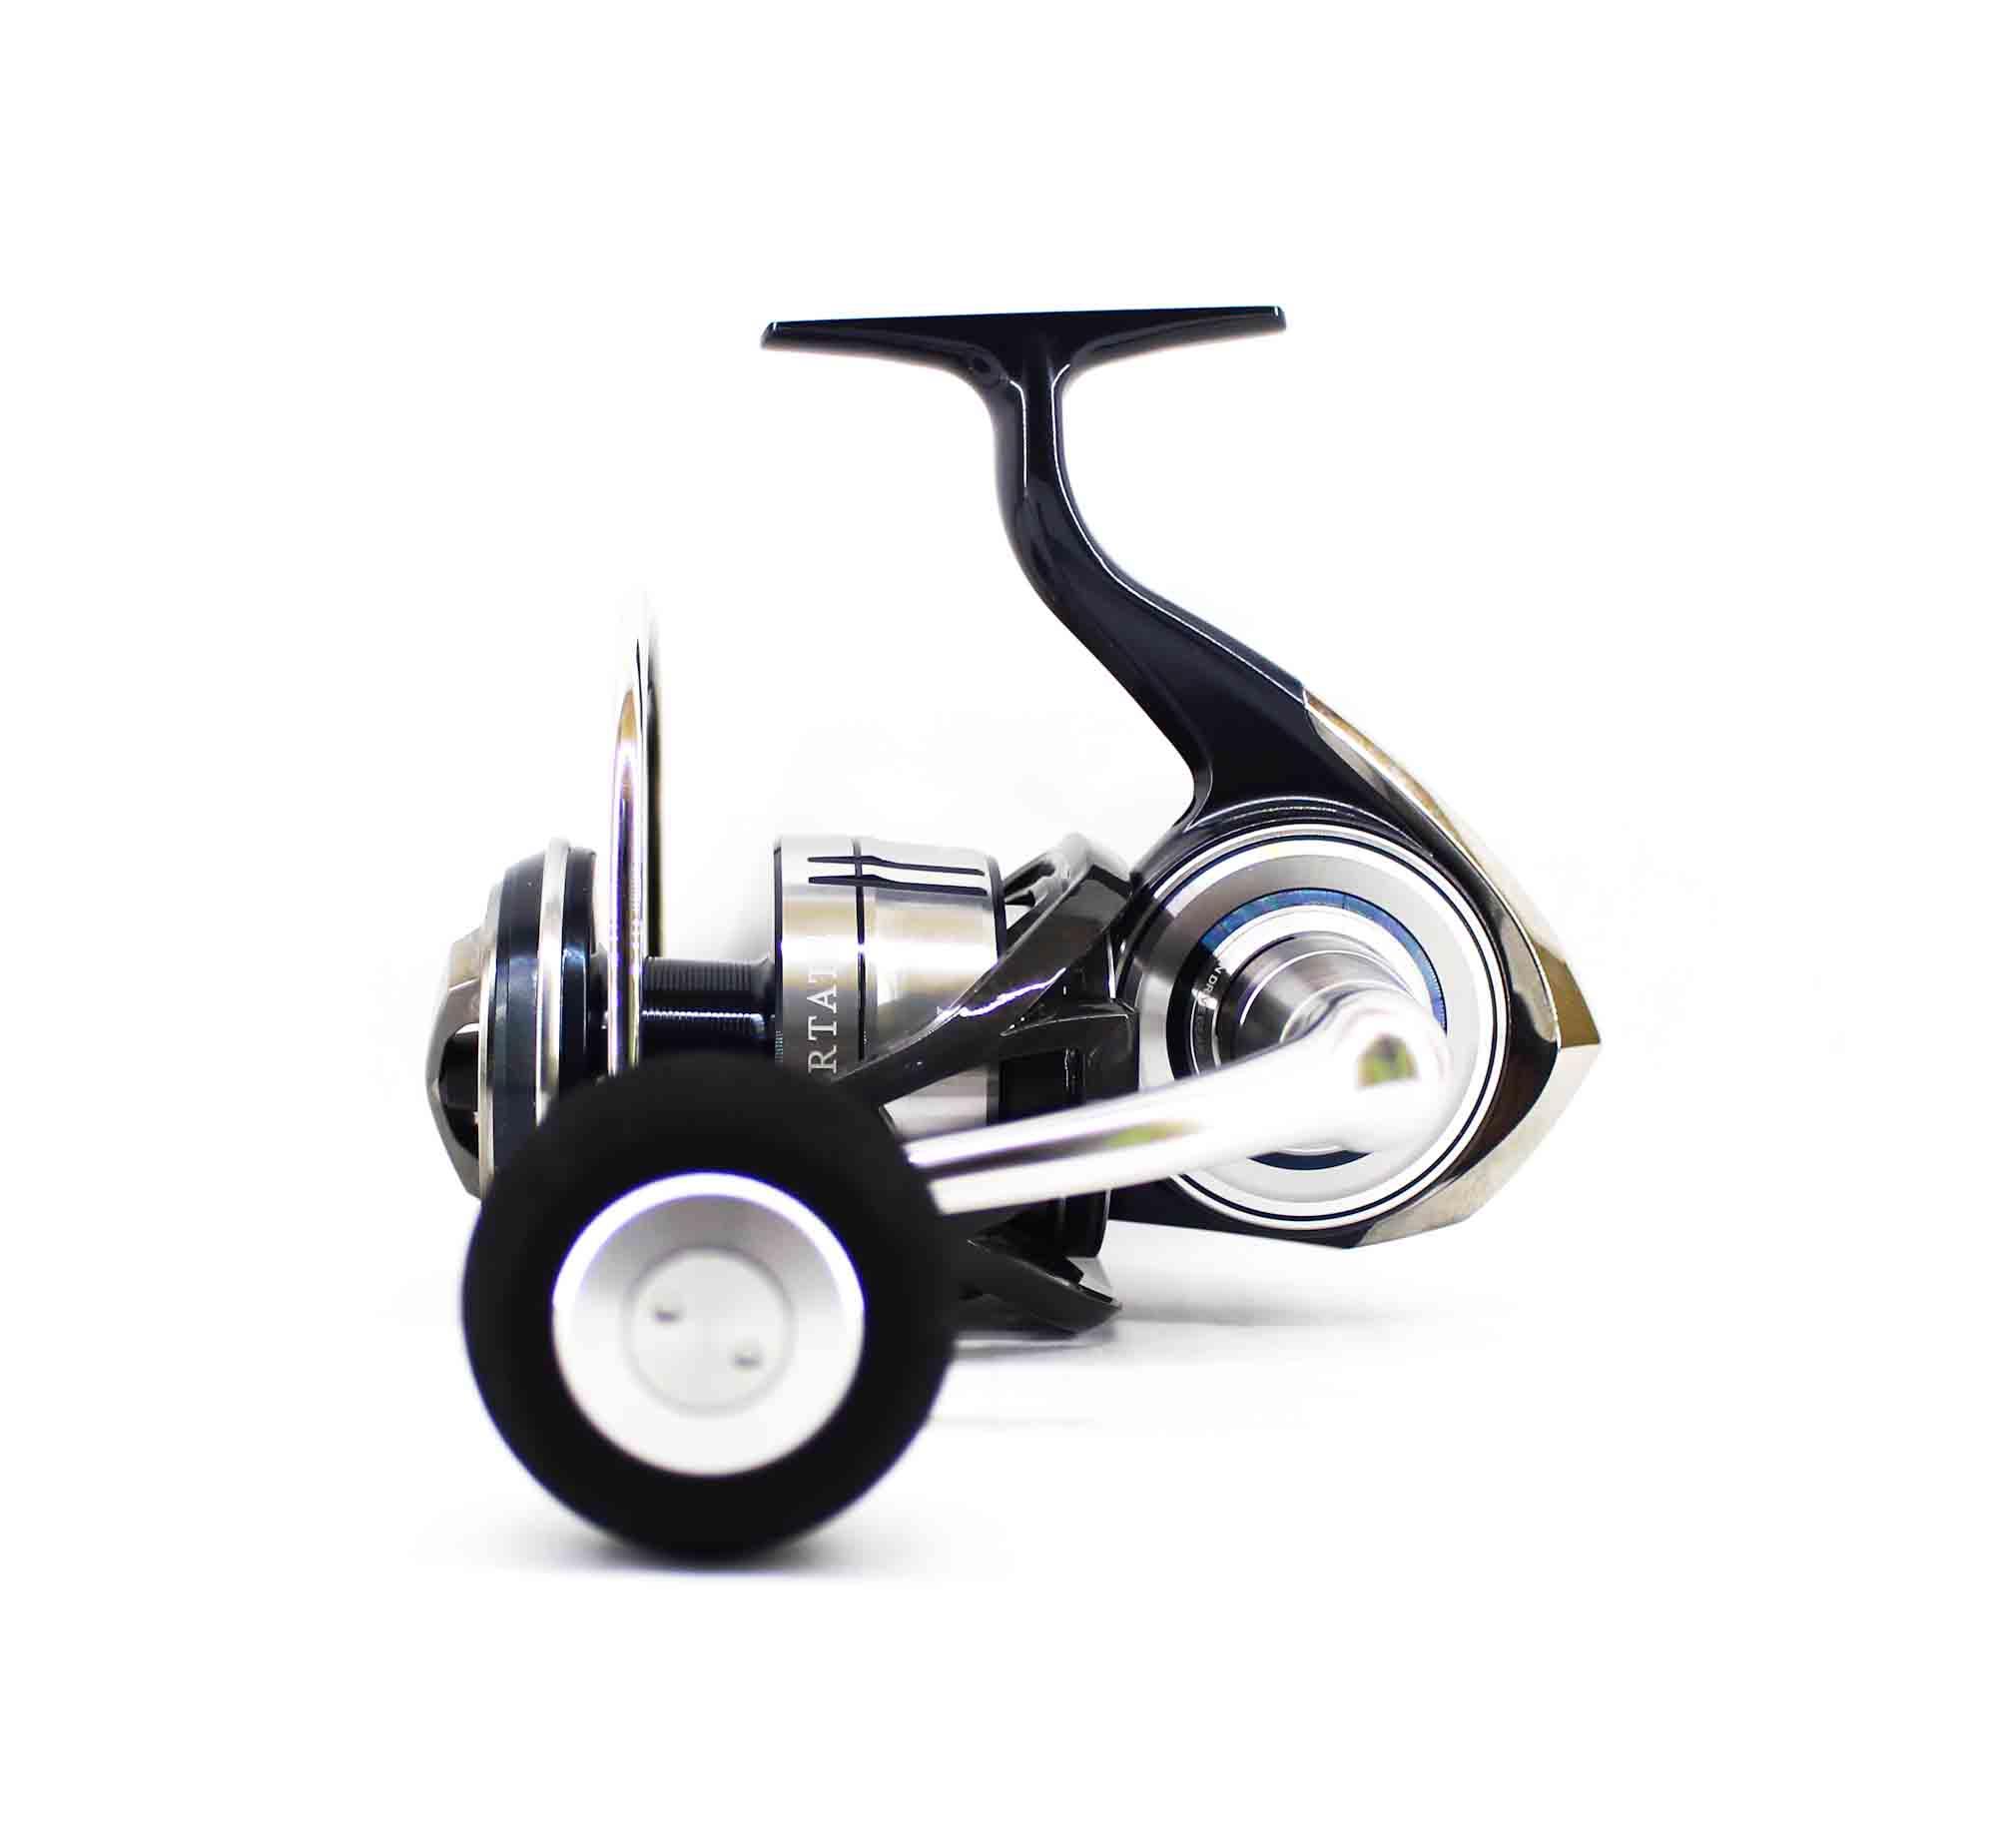 Daiwa Reel Spinning 21 Certate SW 8000-P (3304)